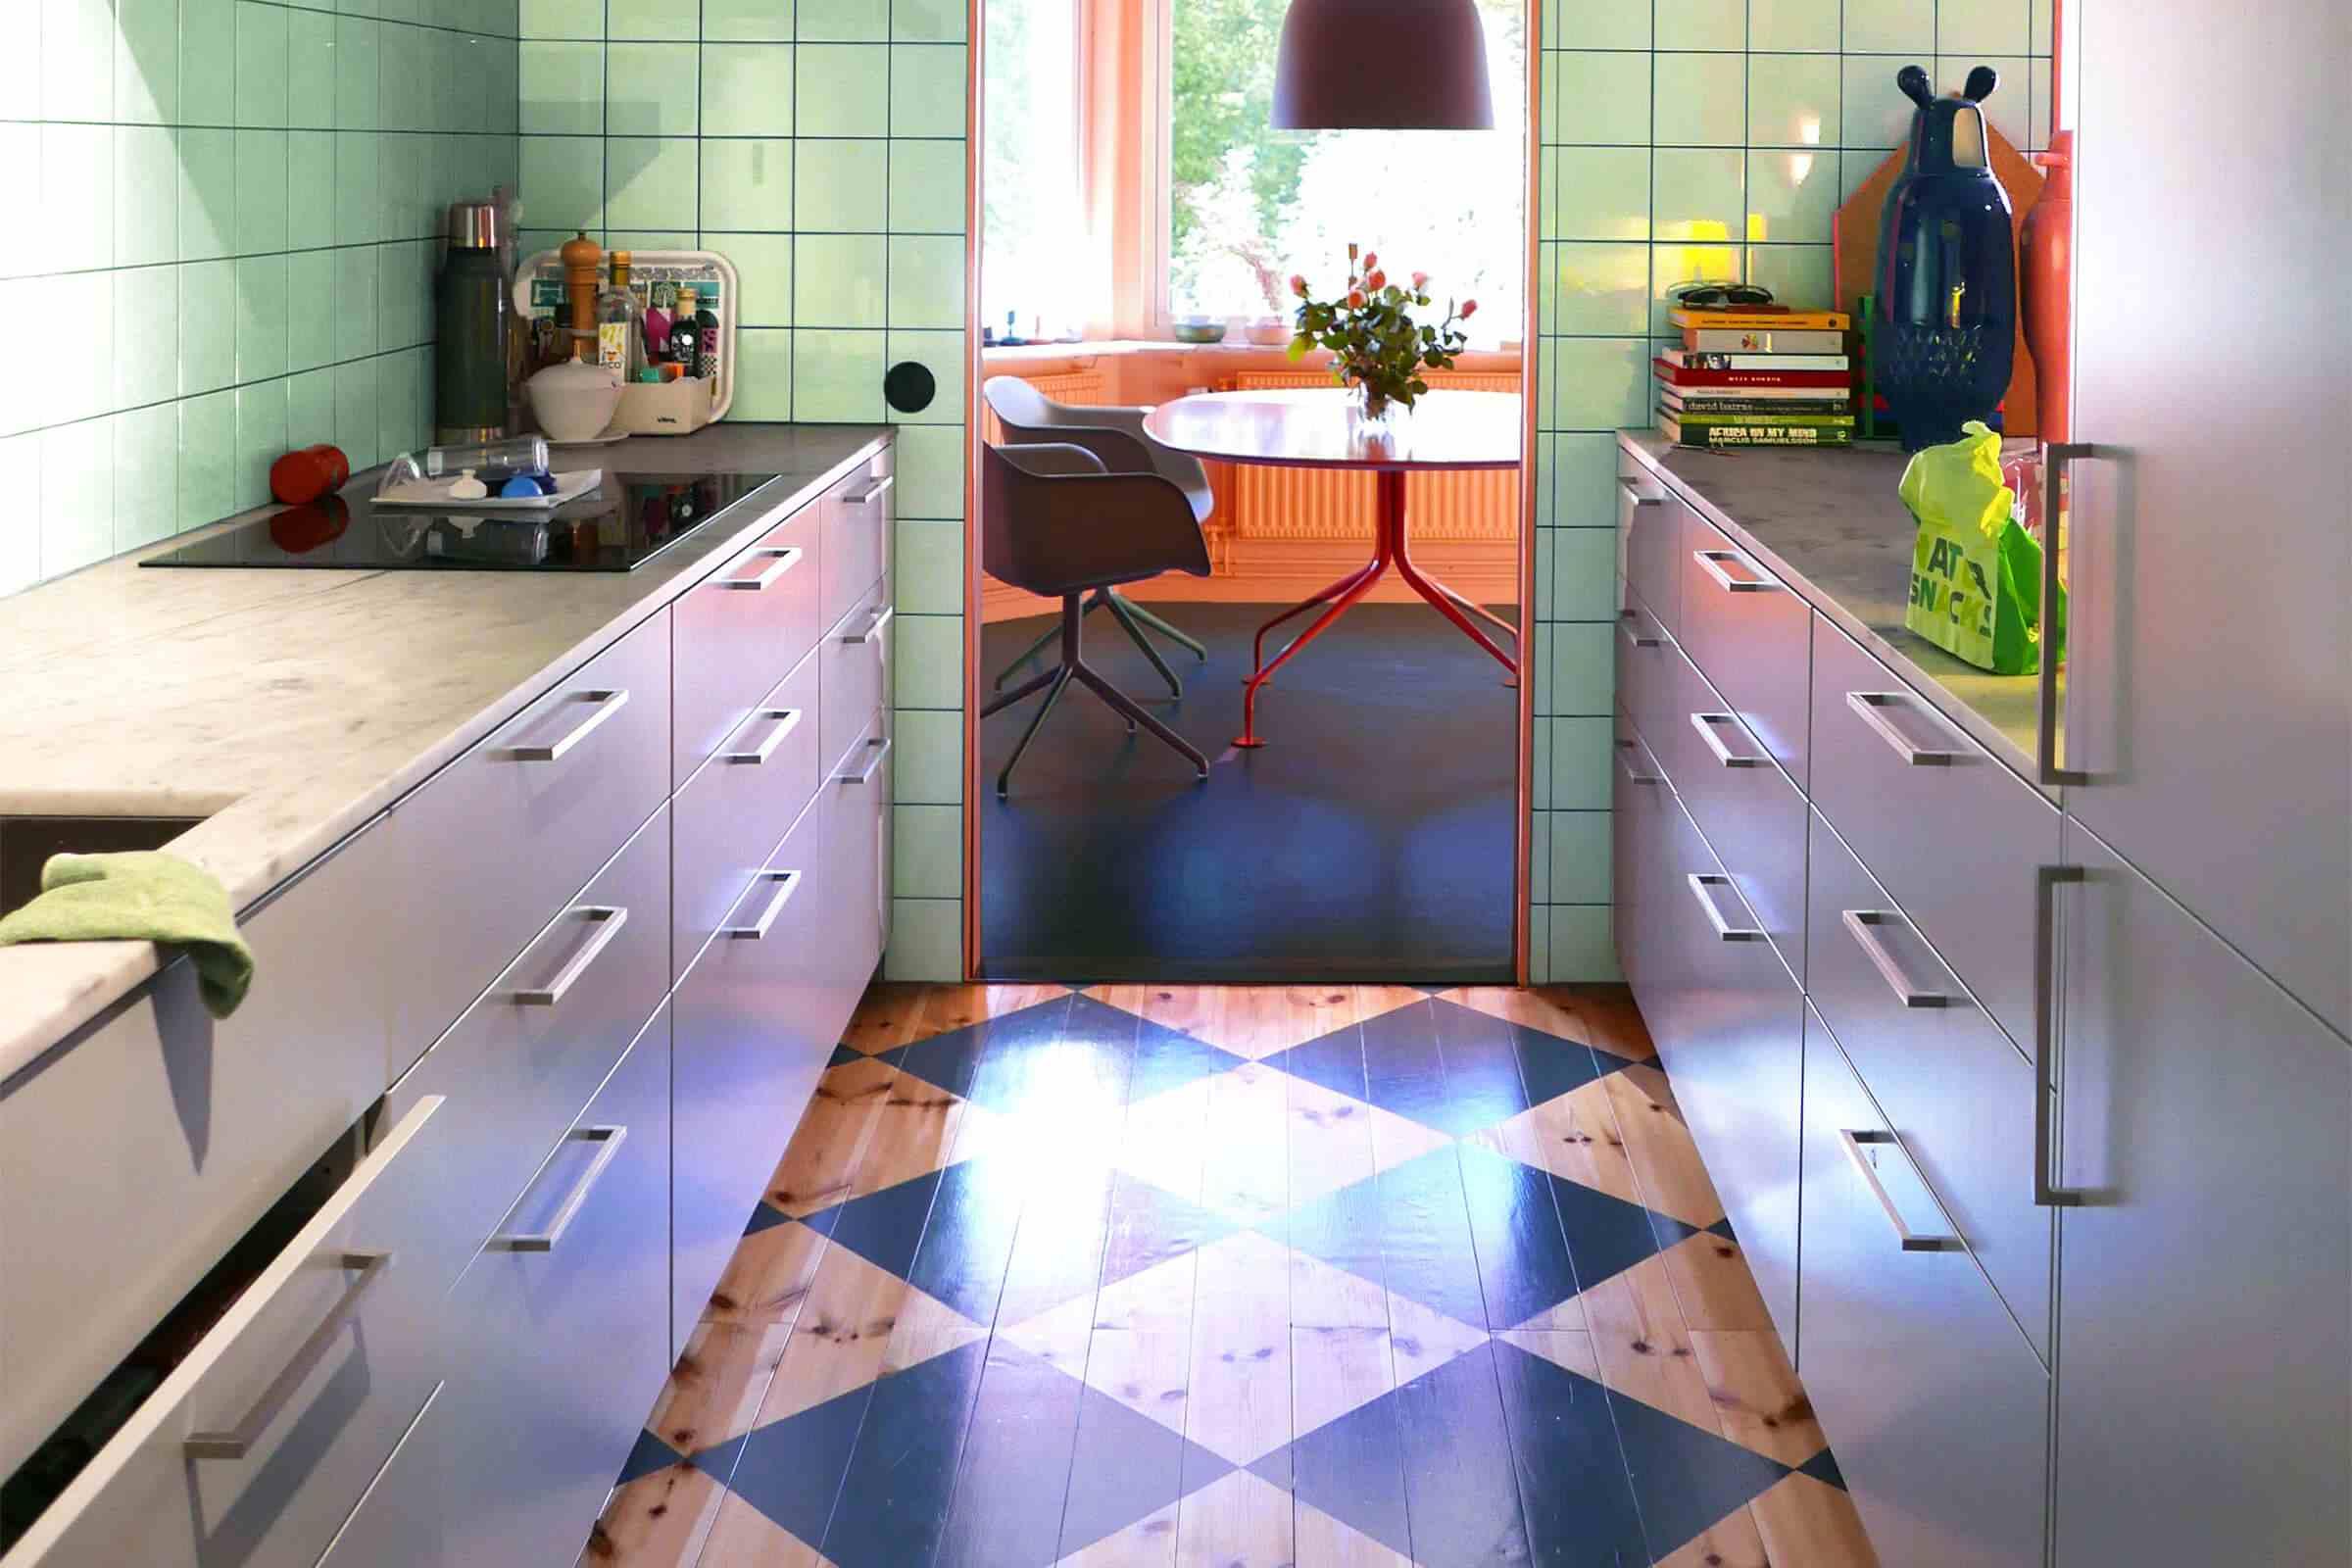 azulejo de cocina verde menta en las paredes y pisos de madera en la cocina